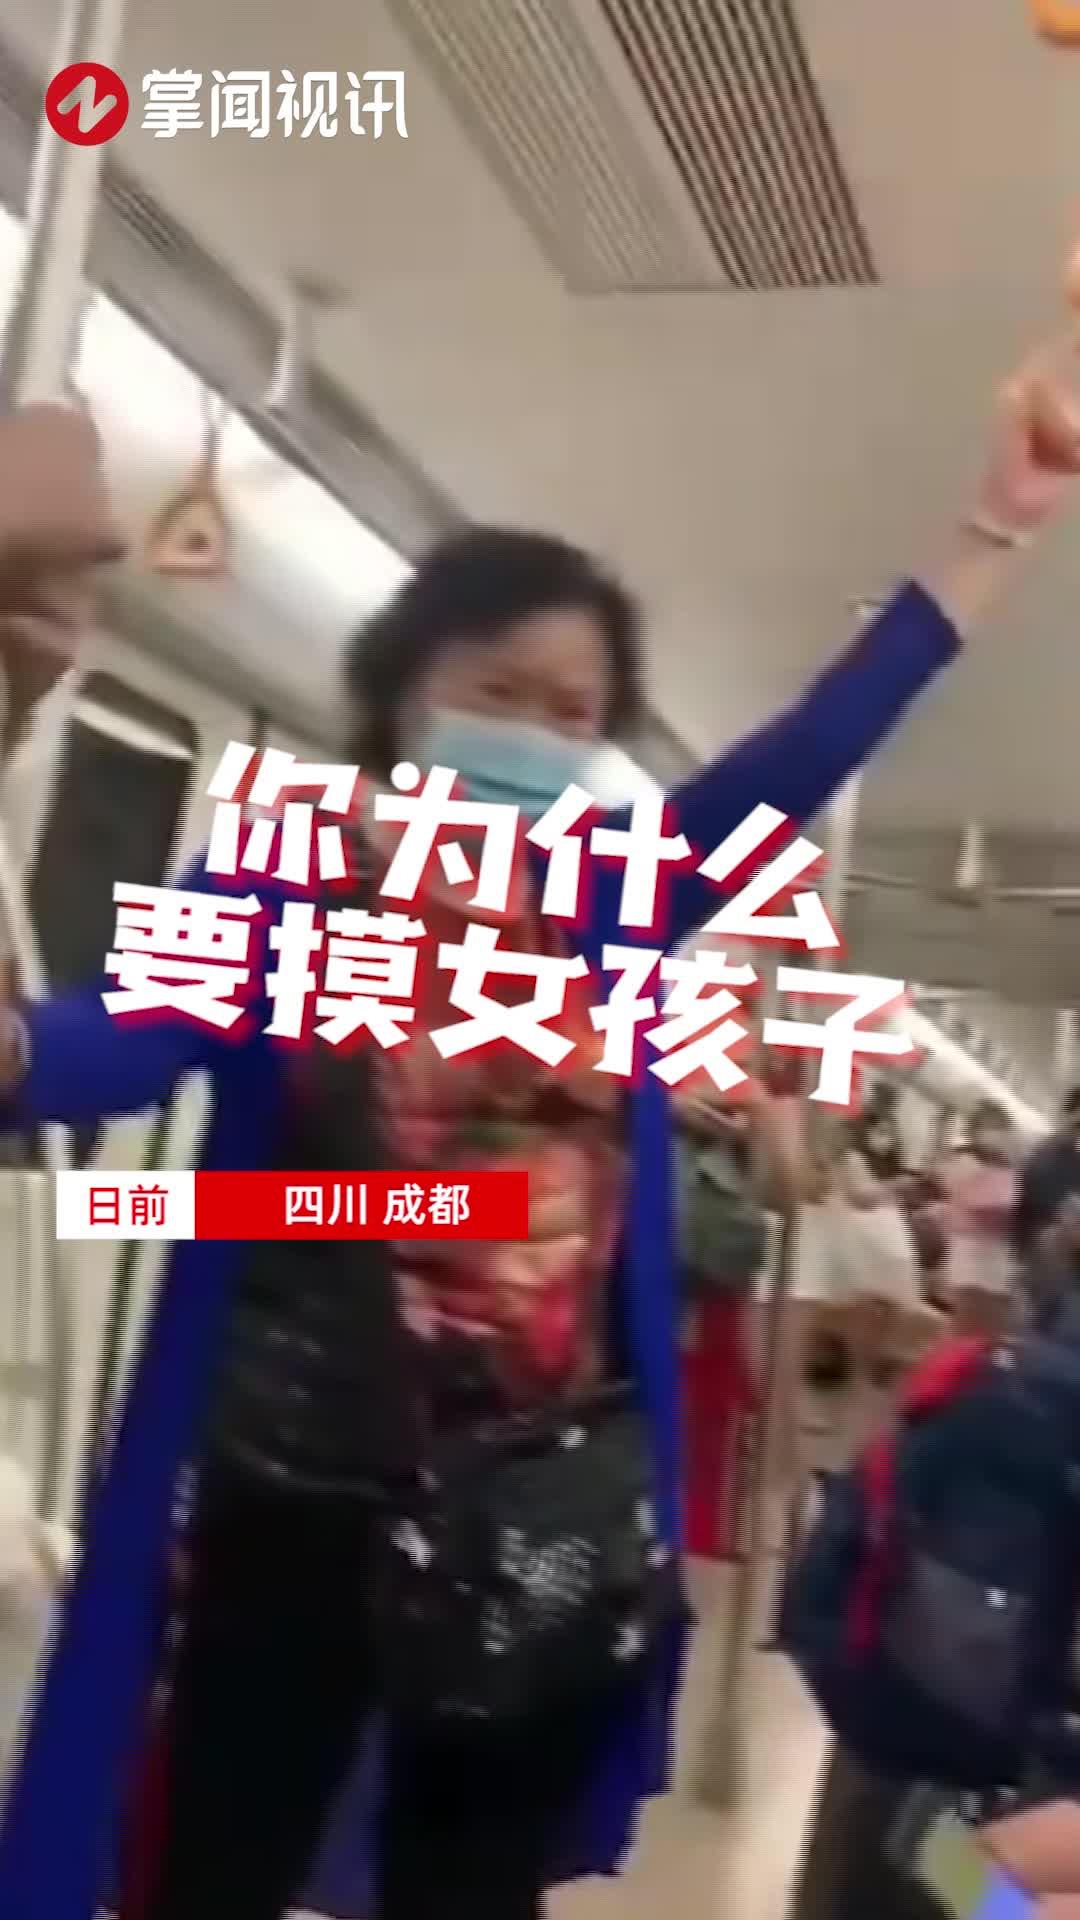 """男子地铁猥亵女孩还让她""""老实点"""" 热心乘客仗义出手将其控制"""